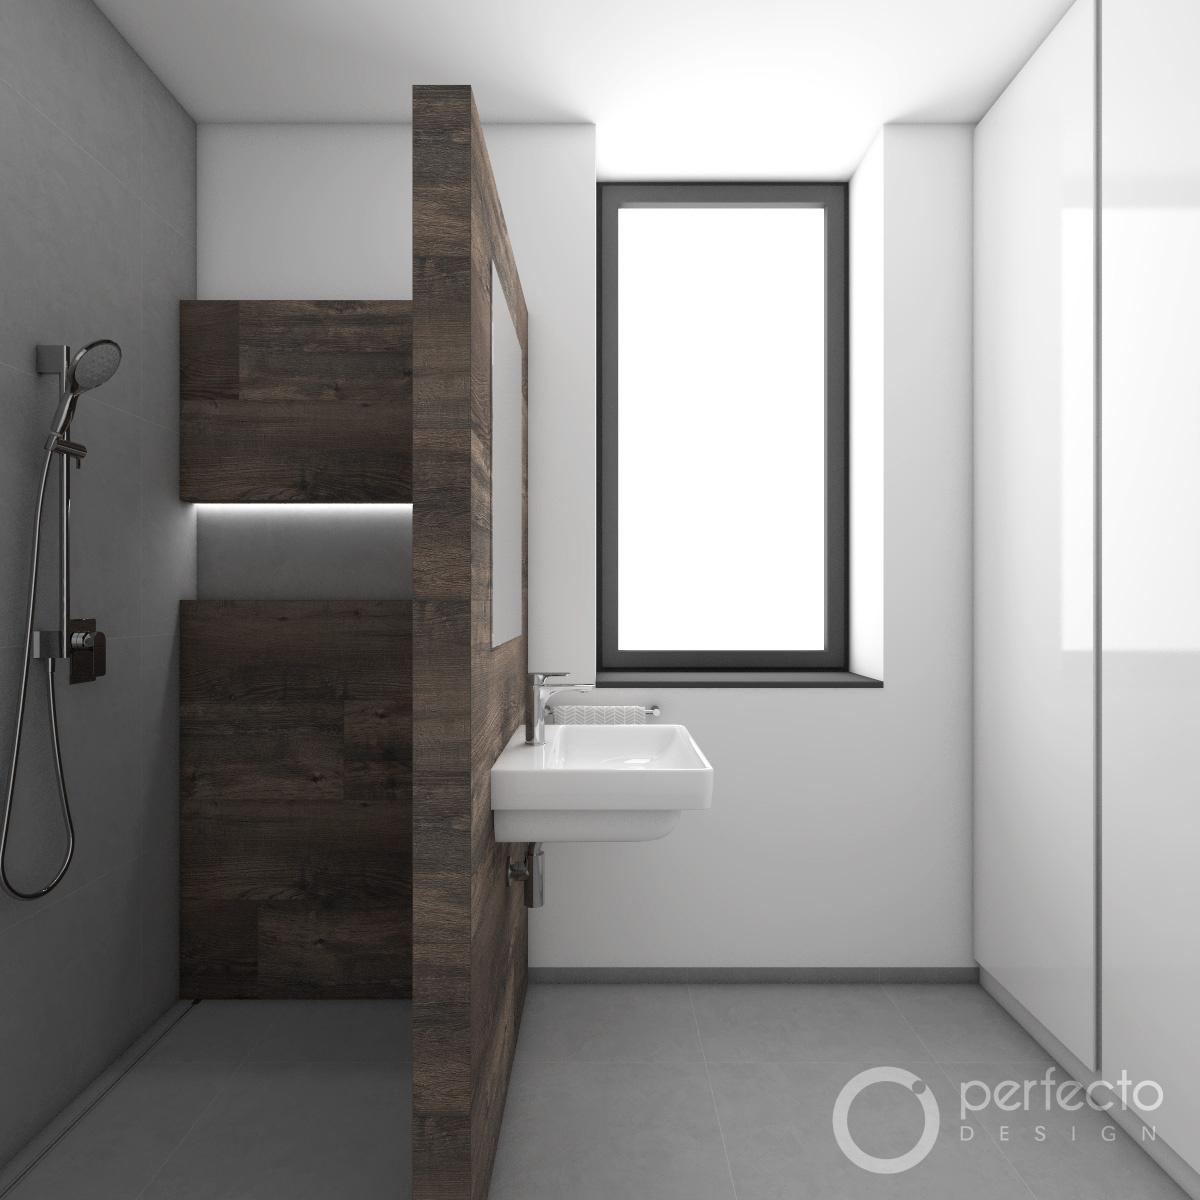 modernes badezimmer hudson perfecto design. Black Bedroom Furniture Sets. Home Design Ideas